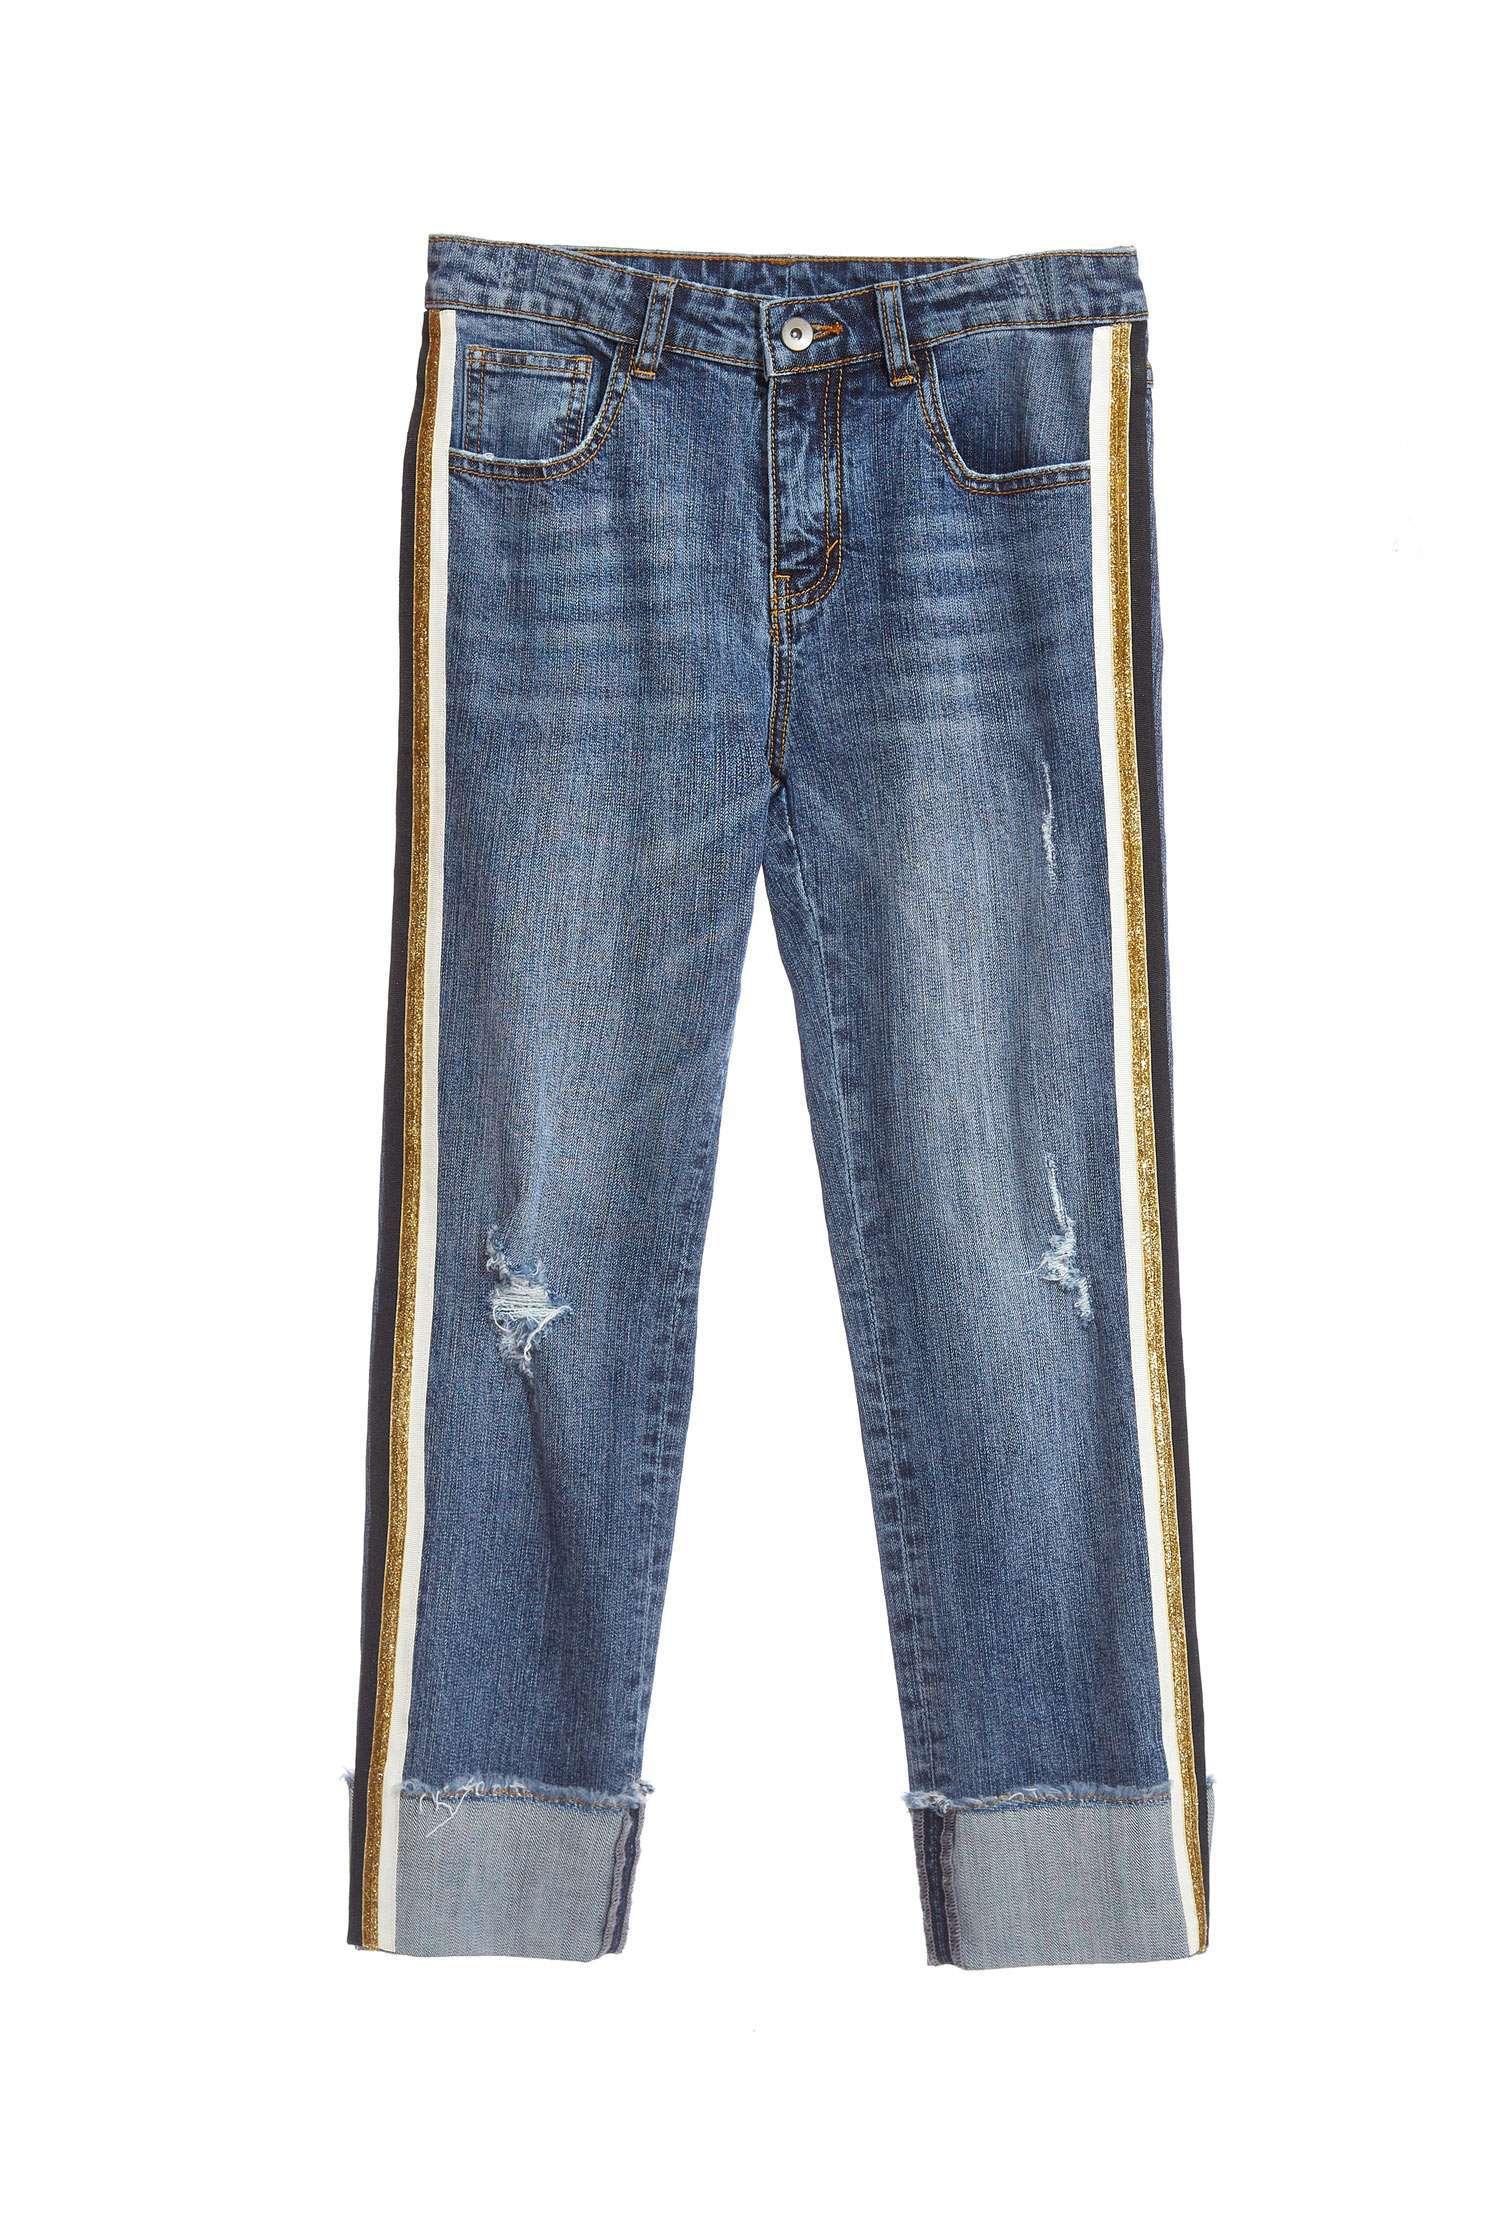 broken denim jeans